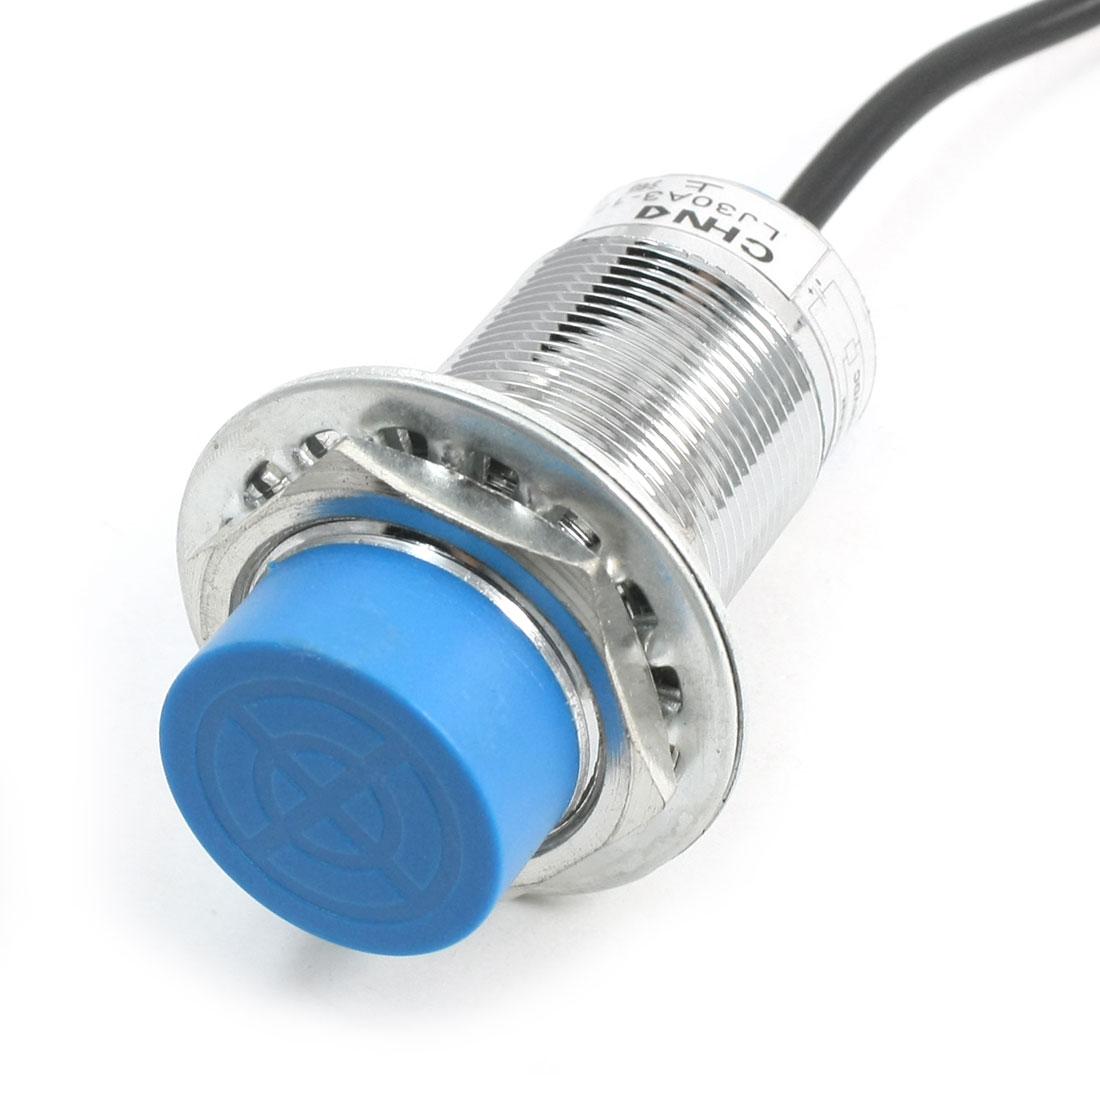 DC6-36V PNP NO 30mm Mount 15mm Inductive Proximity Sensor Switch LJ30A3-15-Z/BY